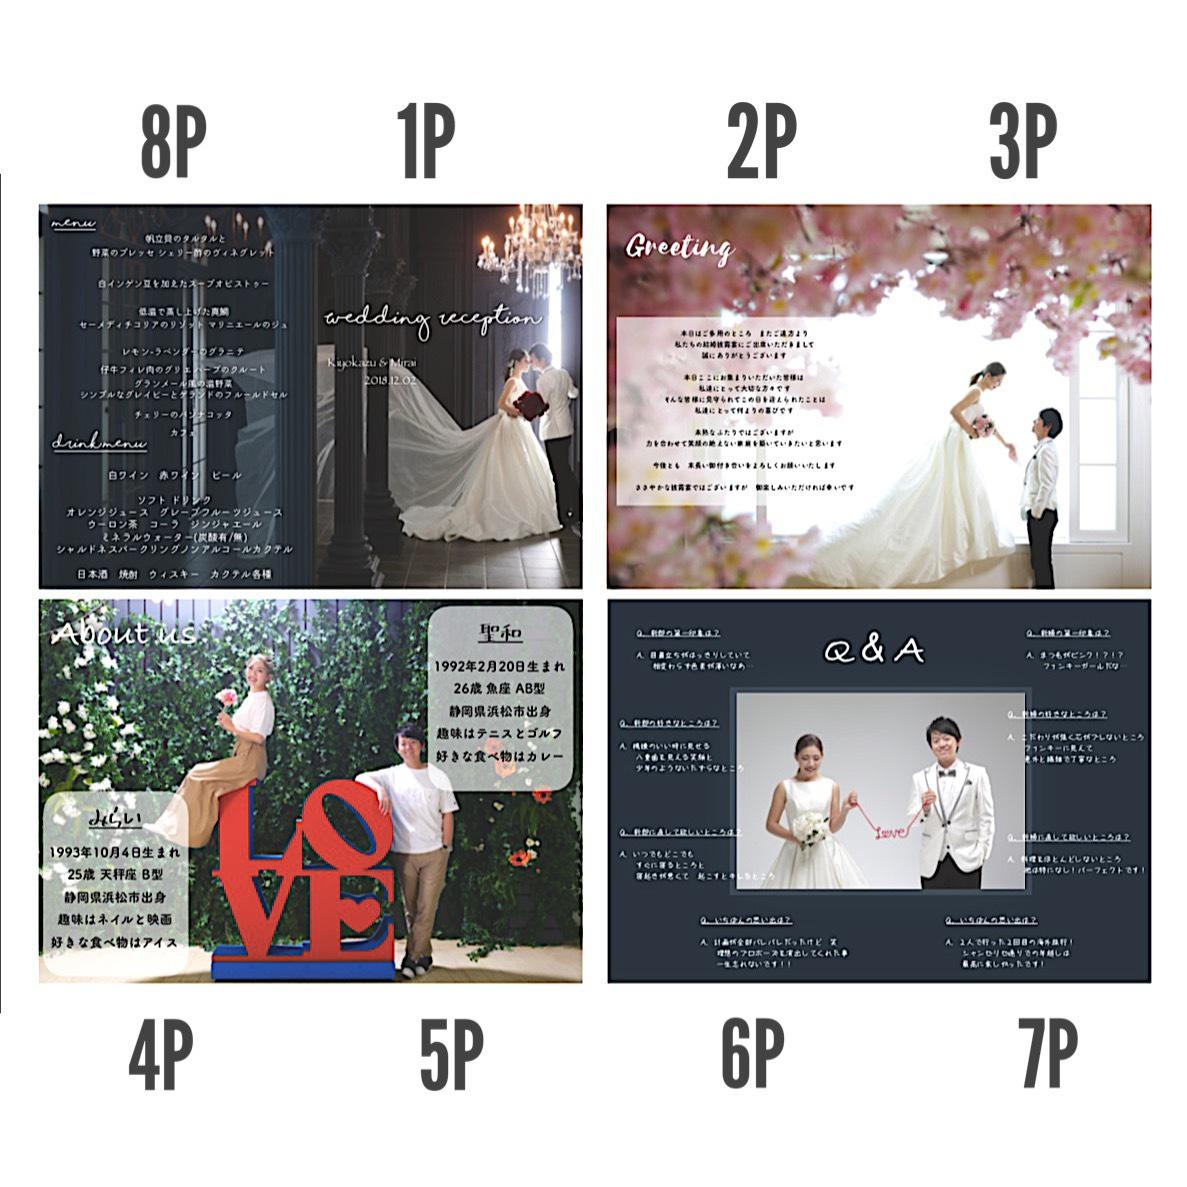 100部セット◎結婚式のプロフィールブック作ります 思い出写真が詰まった 12ページのプロフィールブック